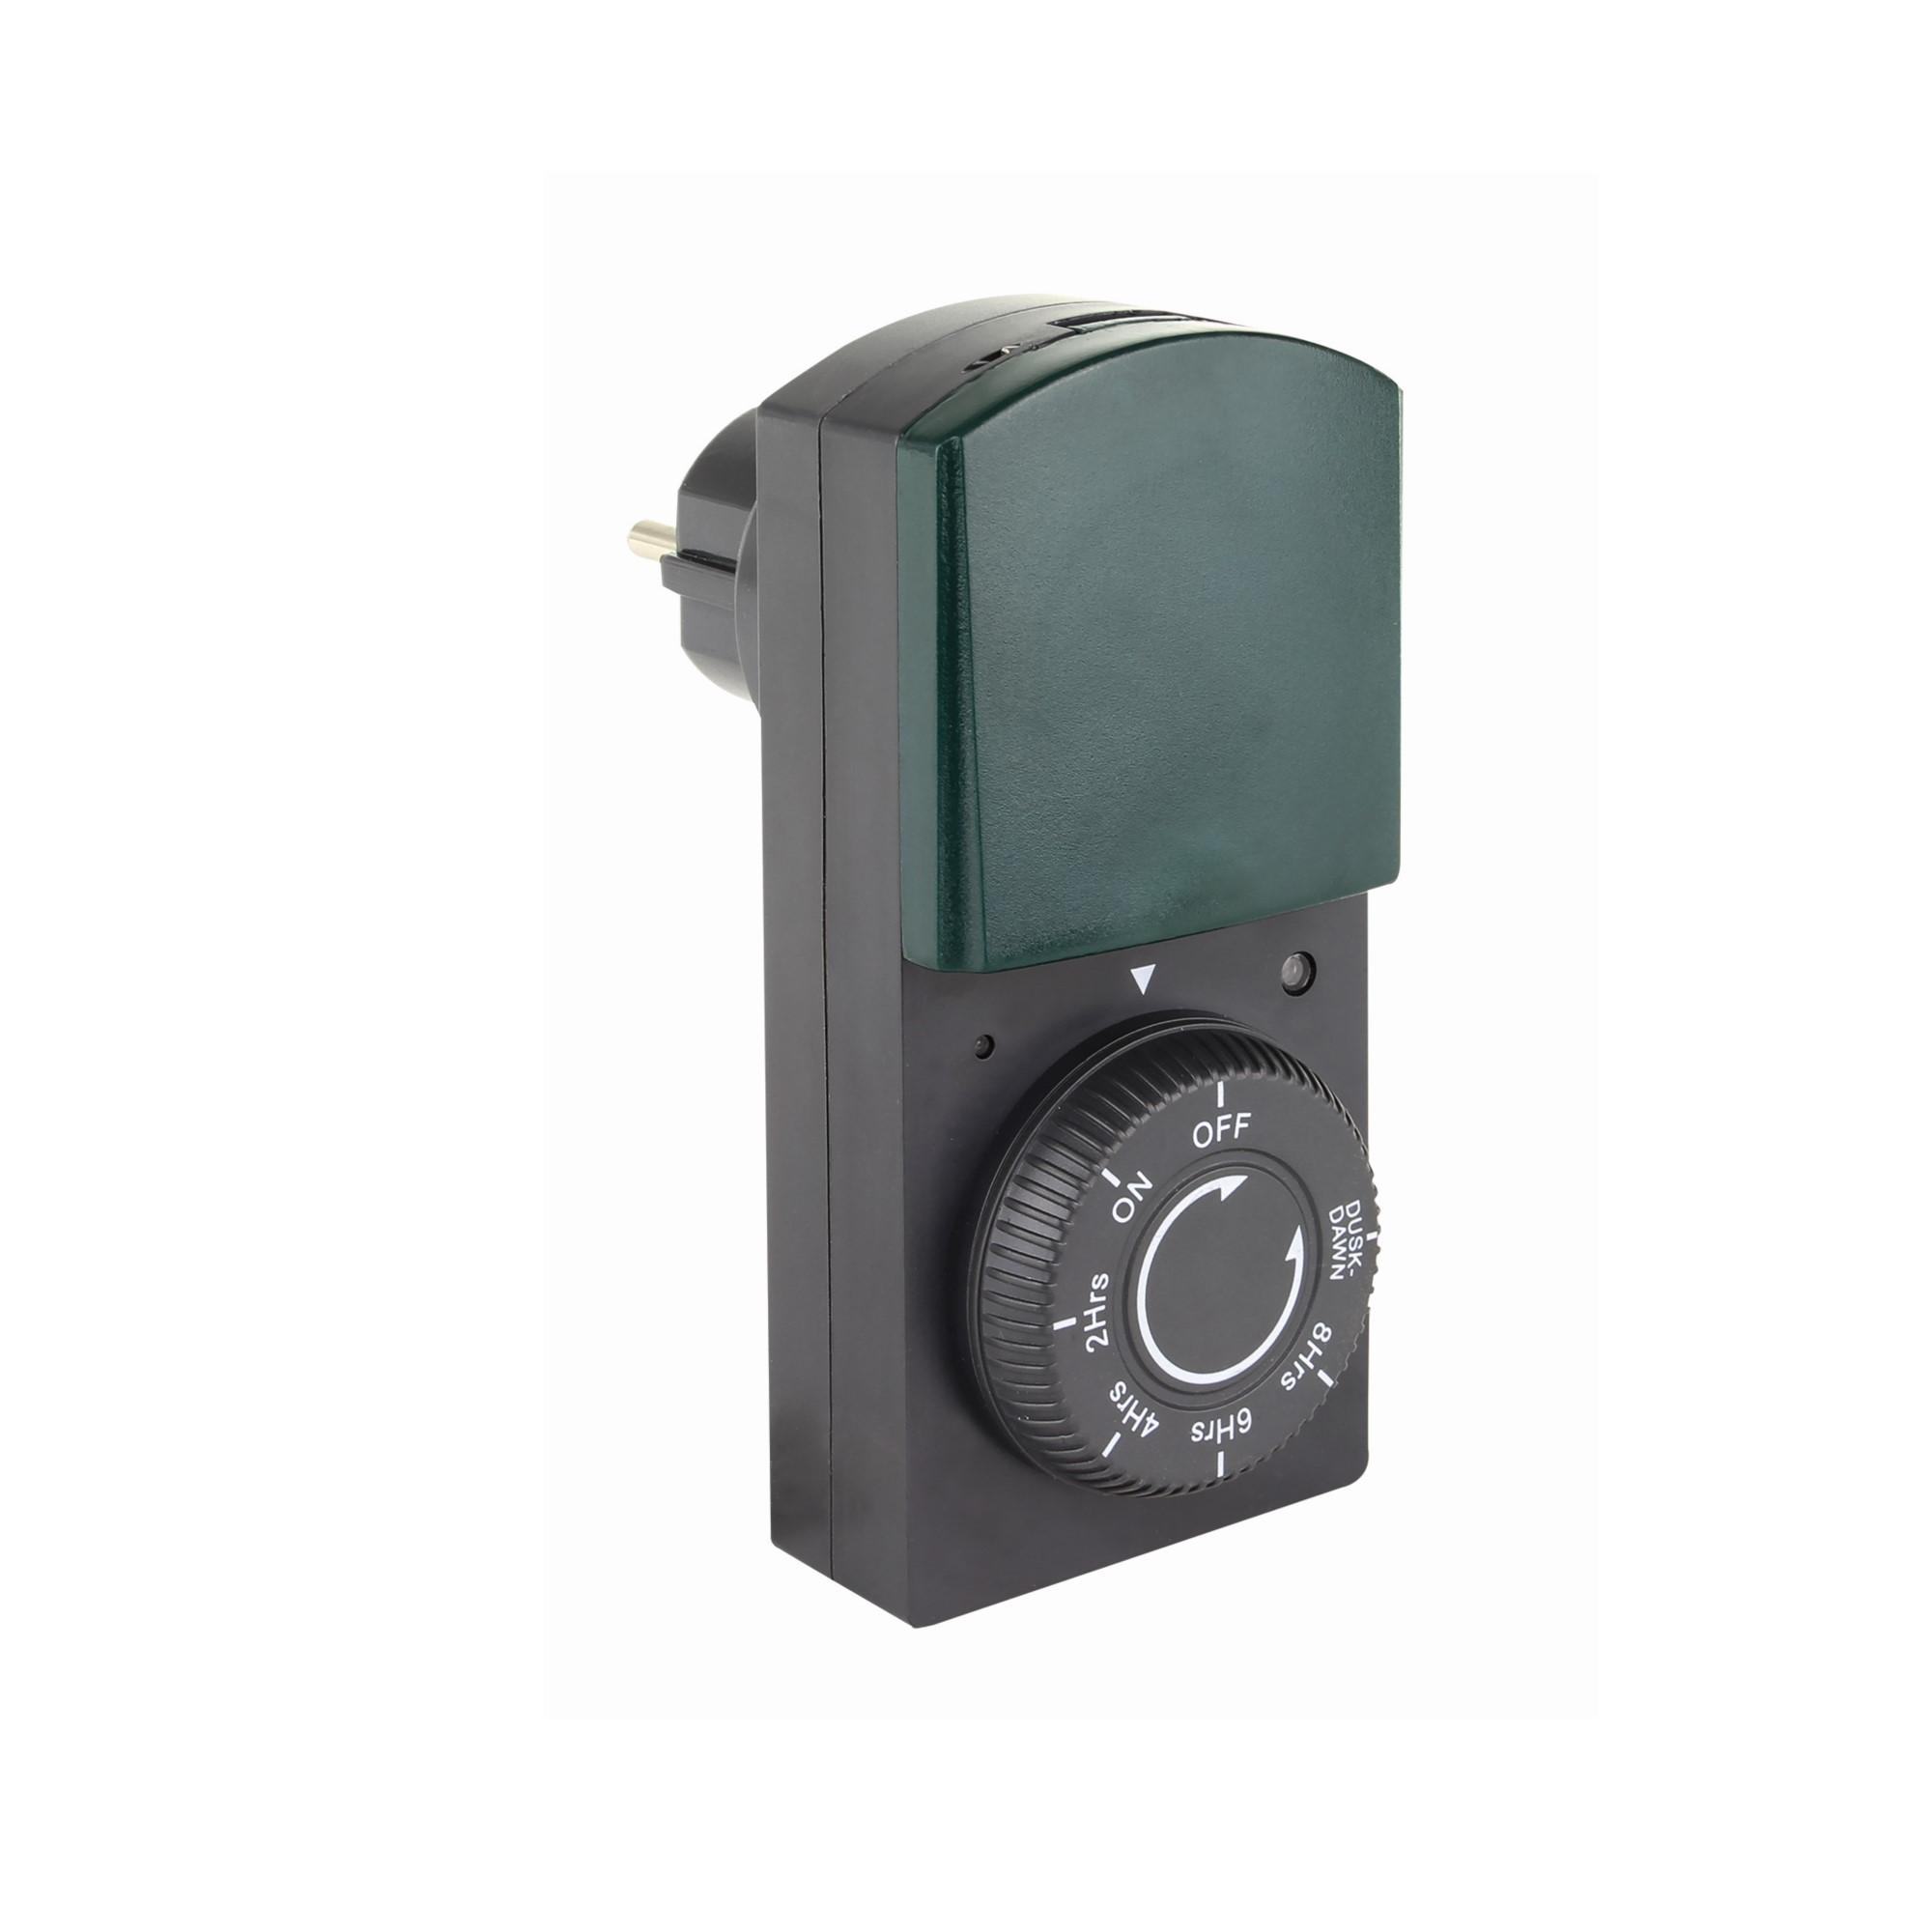 REV Outdoor-Zeitschaltuhr mit Dämmerungs- und Countdown-Funktion 0025720502